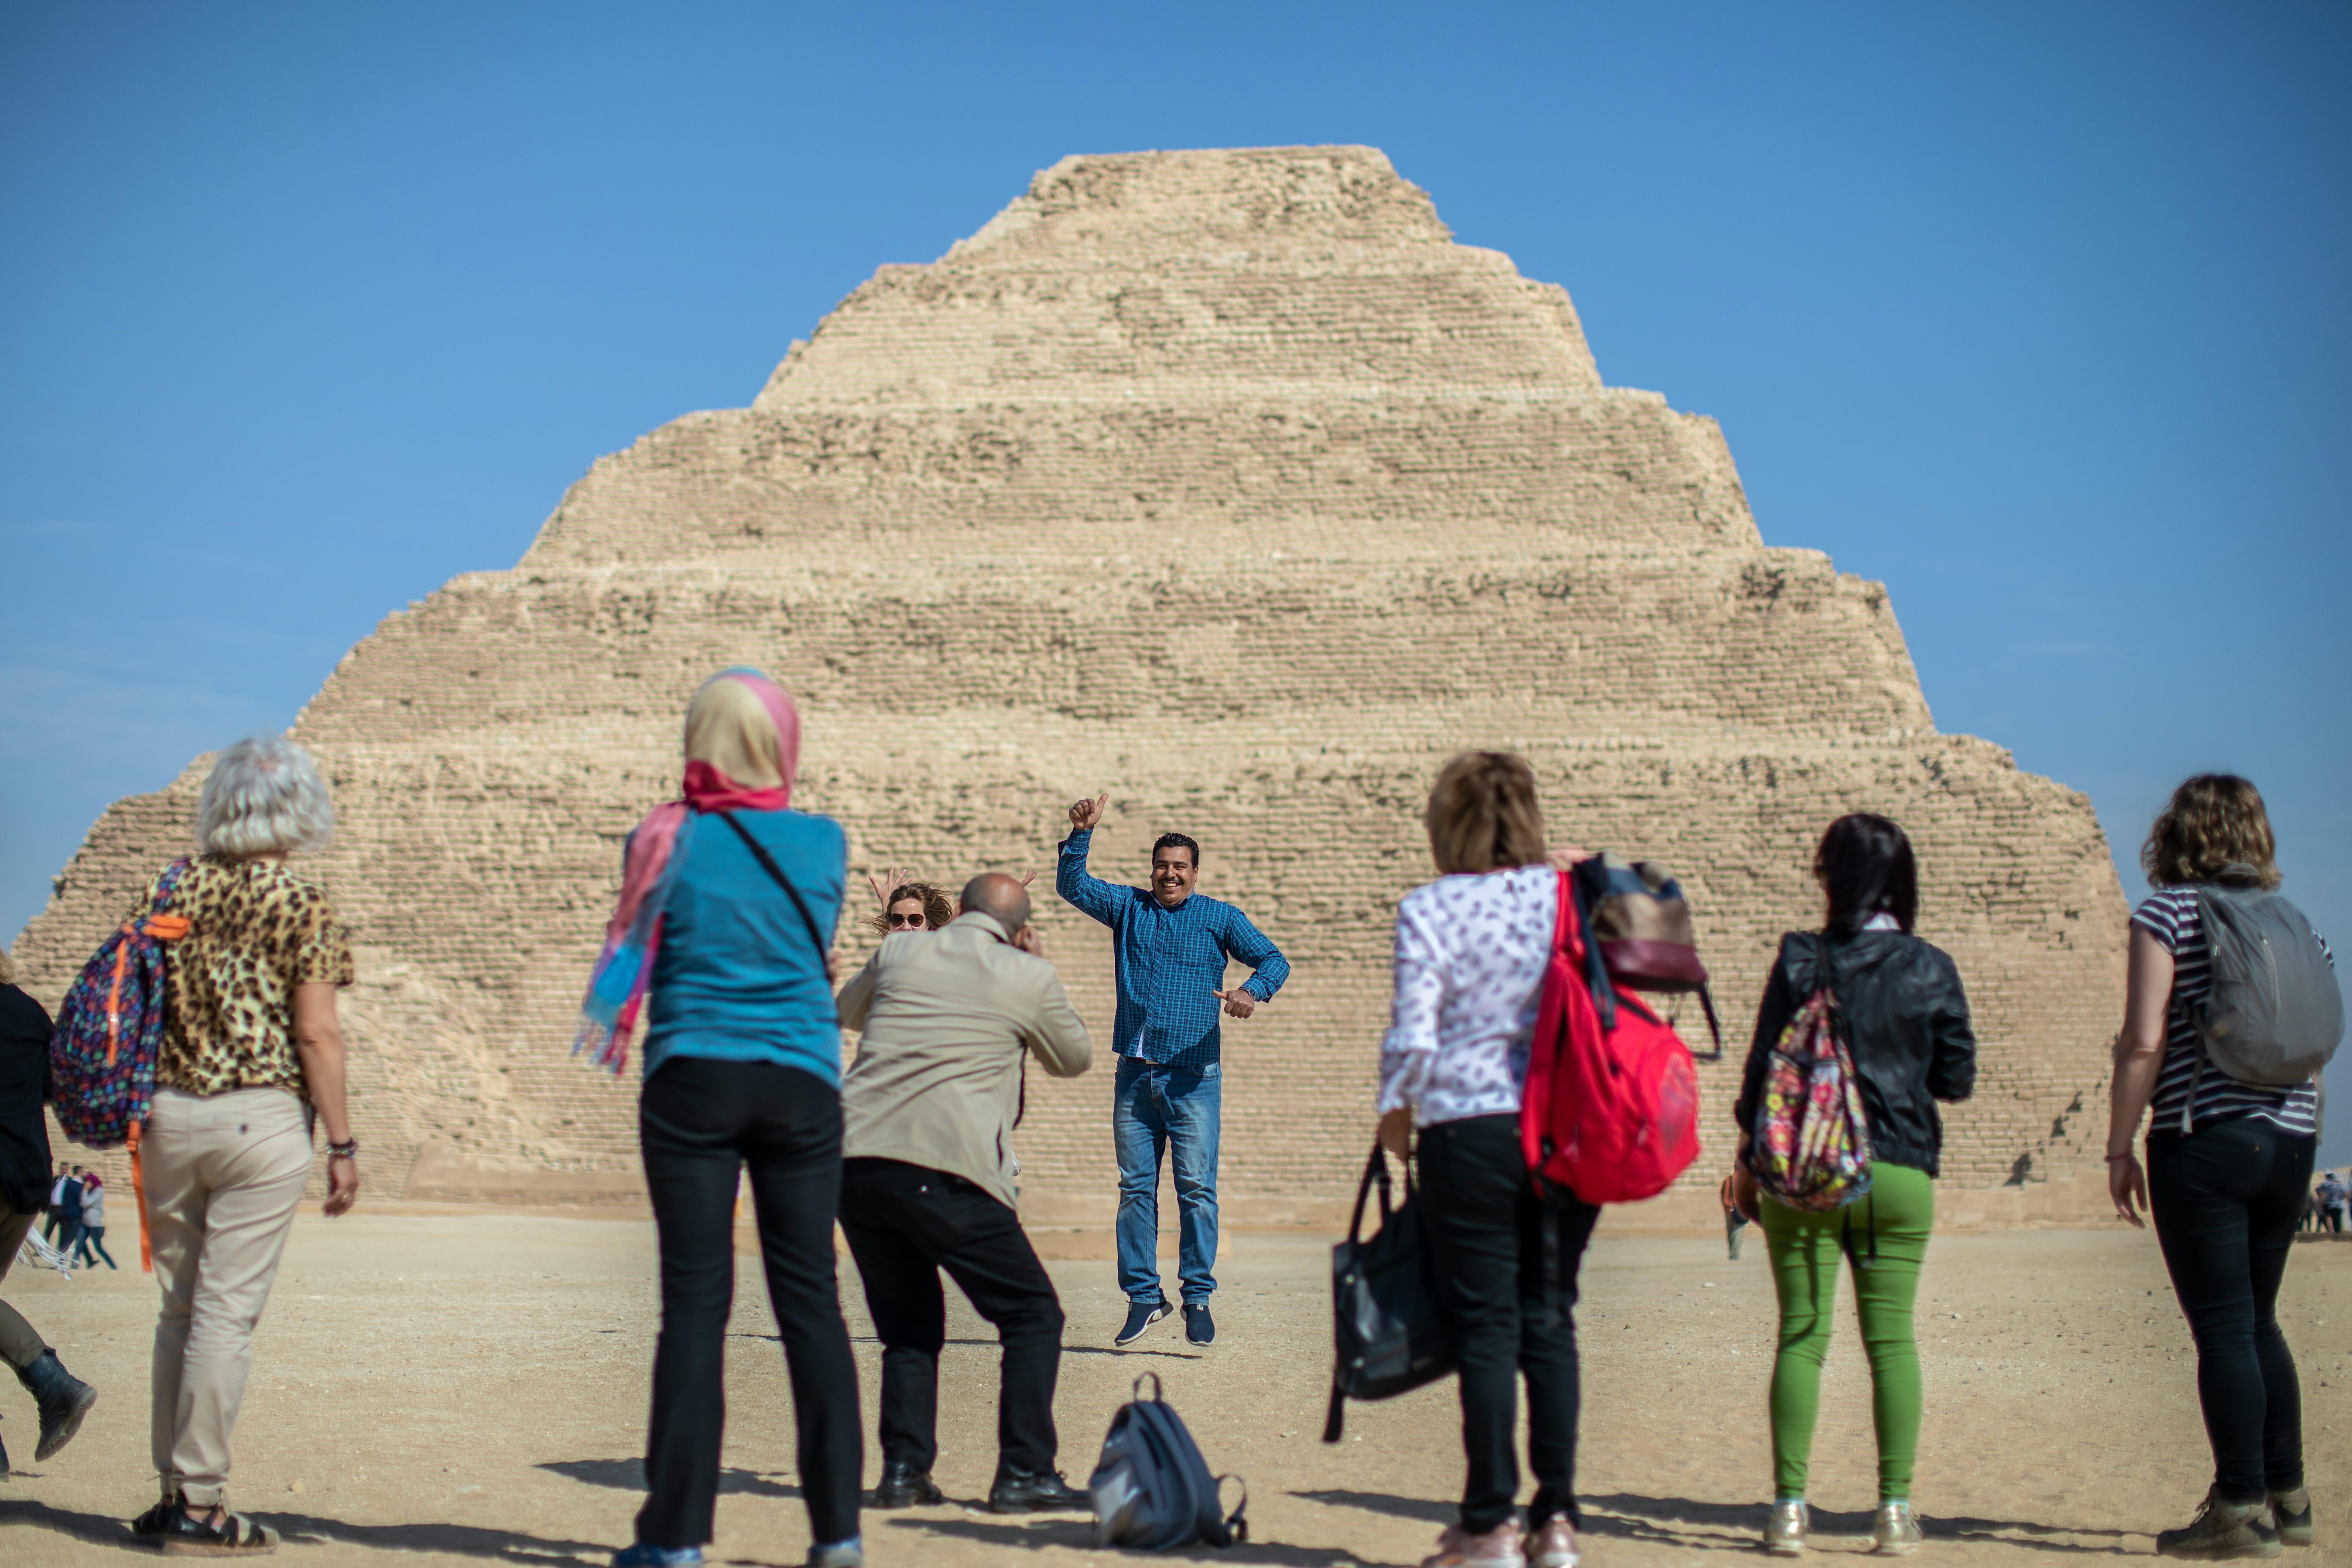 Los turistas toman fotografías de recuerdo frente a la Pirámide de Djoser en Saqqara, a las afueras de El Cairo.